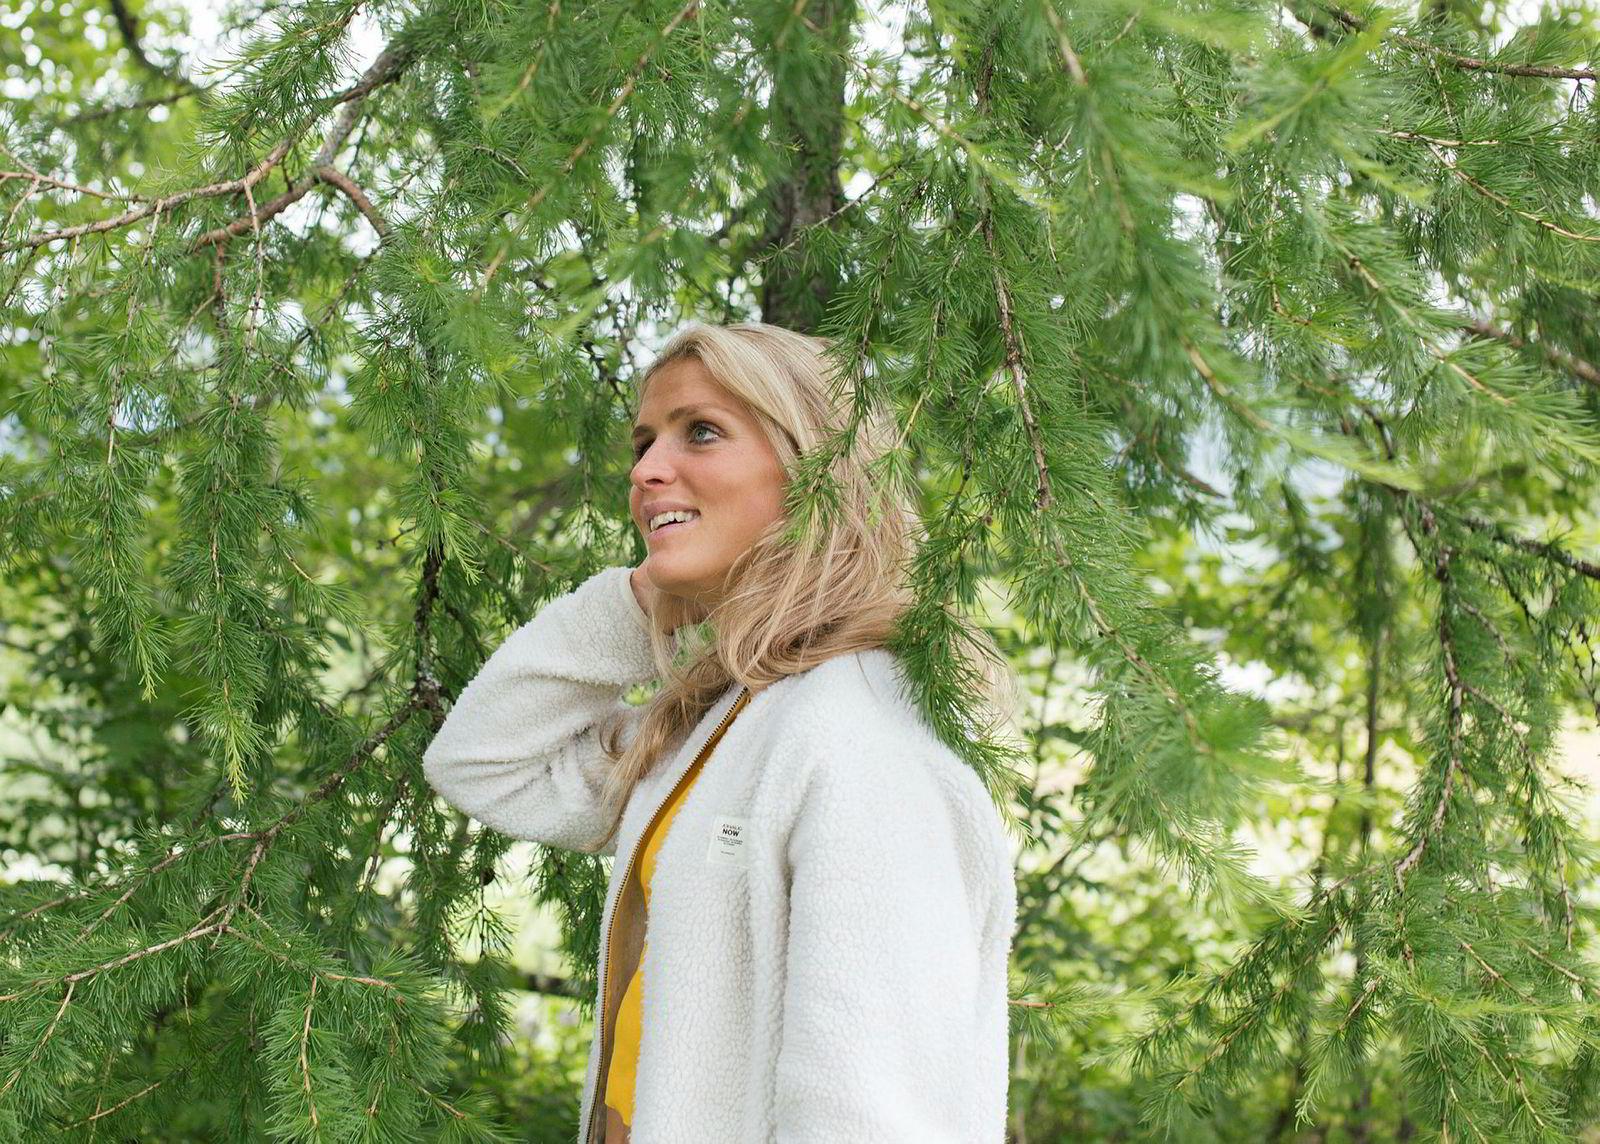 - Det har vært kringlete og kronglete noen ganger, men jeg har fått veldig god hjelp underveis, forteller Therese Johaug om utvidelsen av kleskolleksjonen.